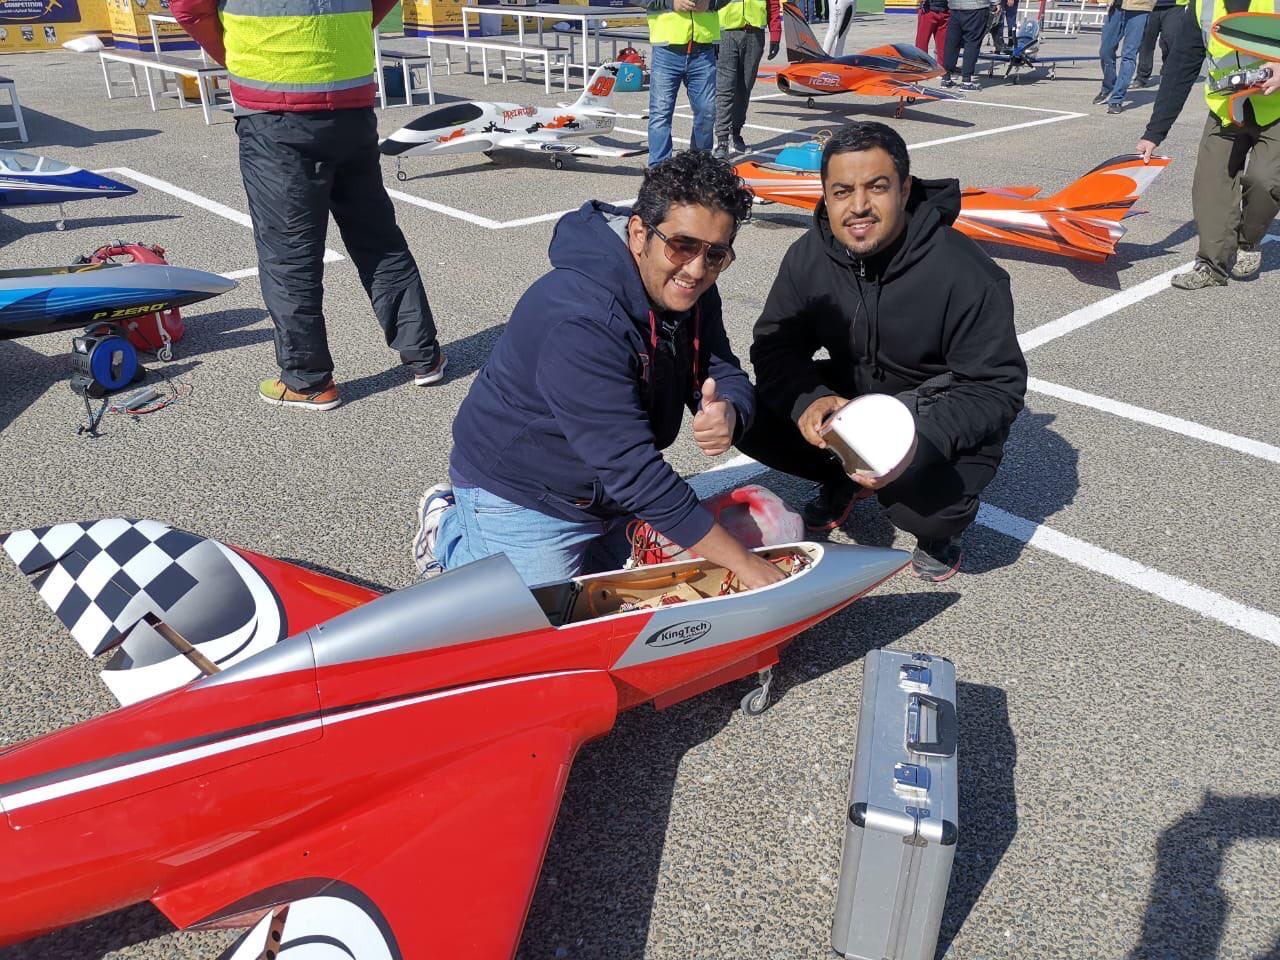 الأخضر يشارك بطولة الطائرات اللاسلكية الثالثة في الكويت (صور)